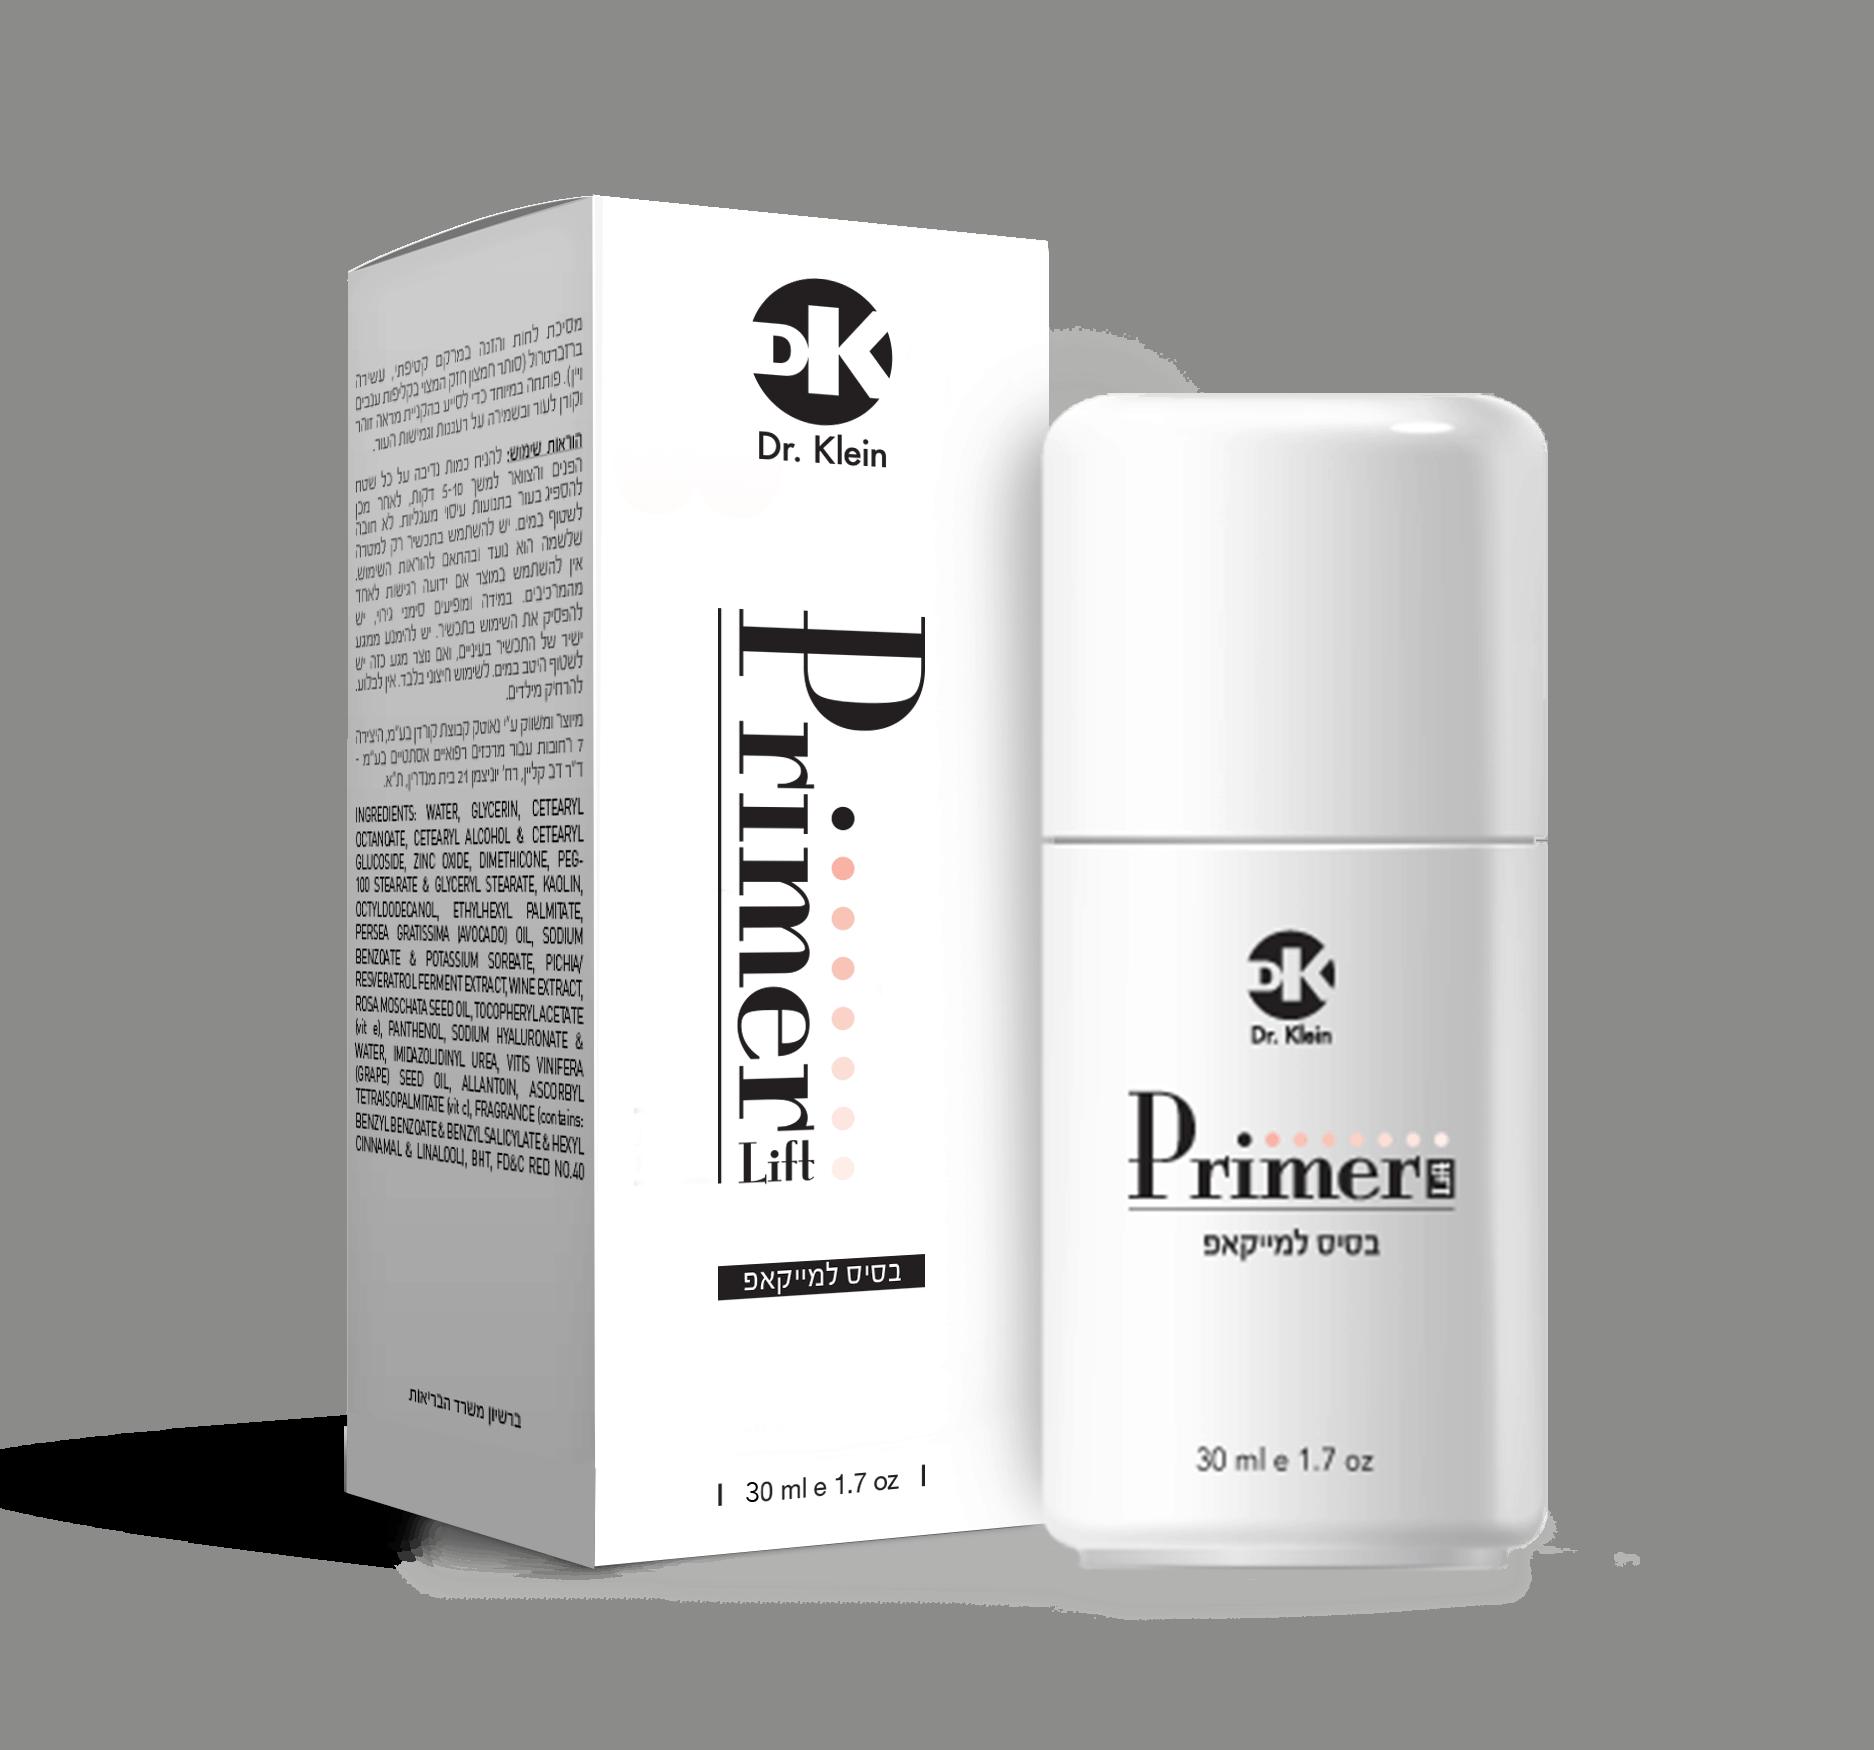 פריימר לעור של דר קליין למראה חלק ועמידות האיפור 180שח קרדיט צילום יורם אשהים